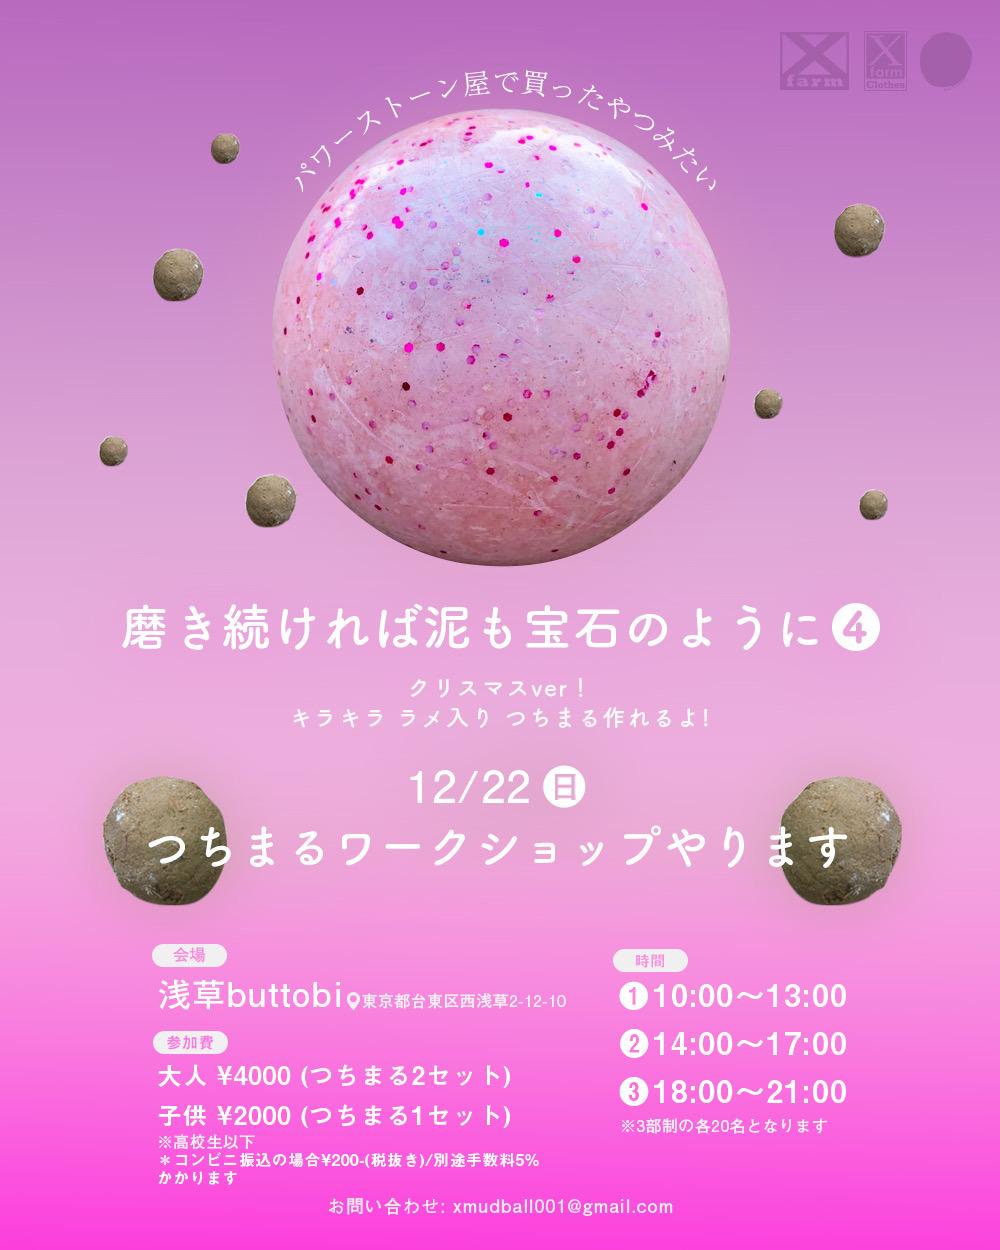 つちまるワークショップ 12/22(日)-第2部-